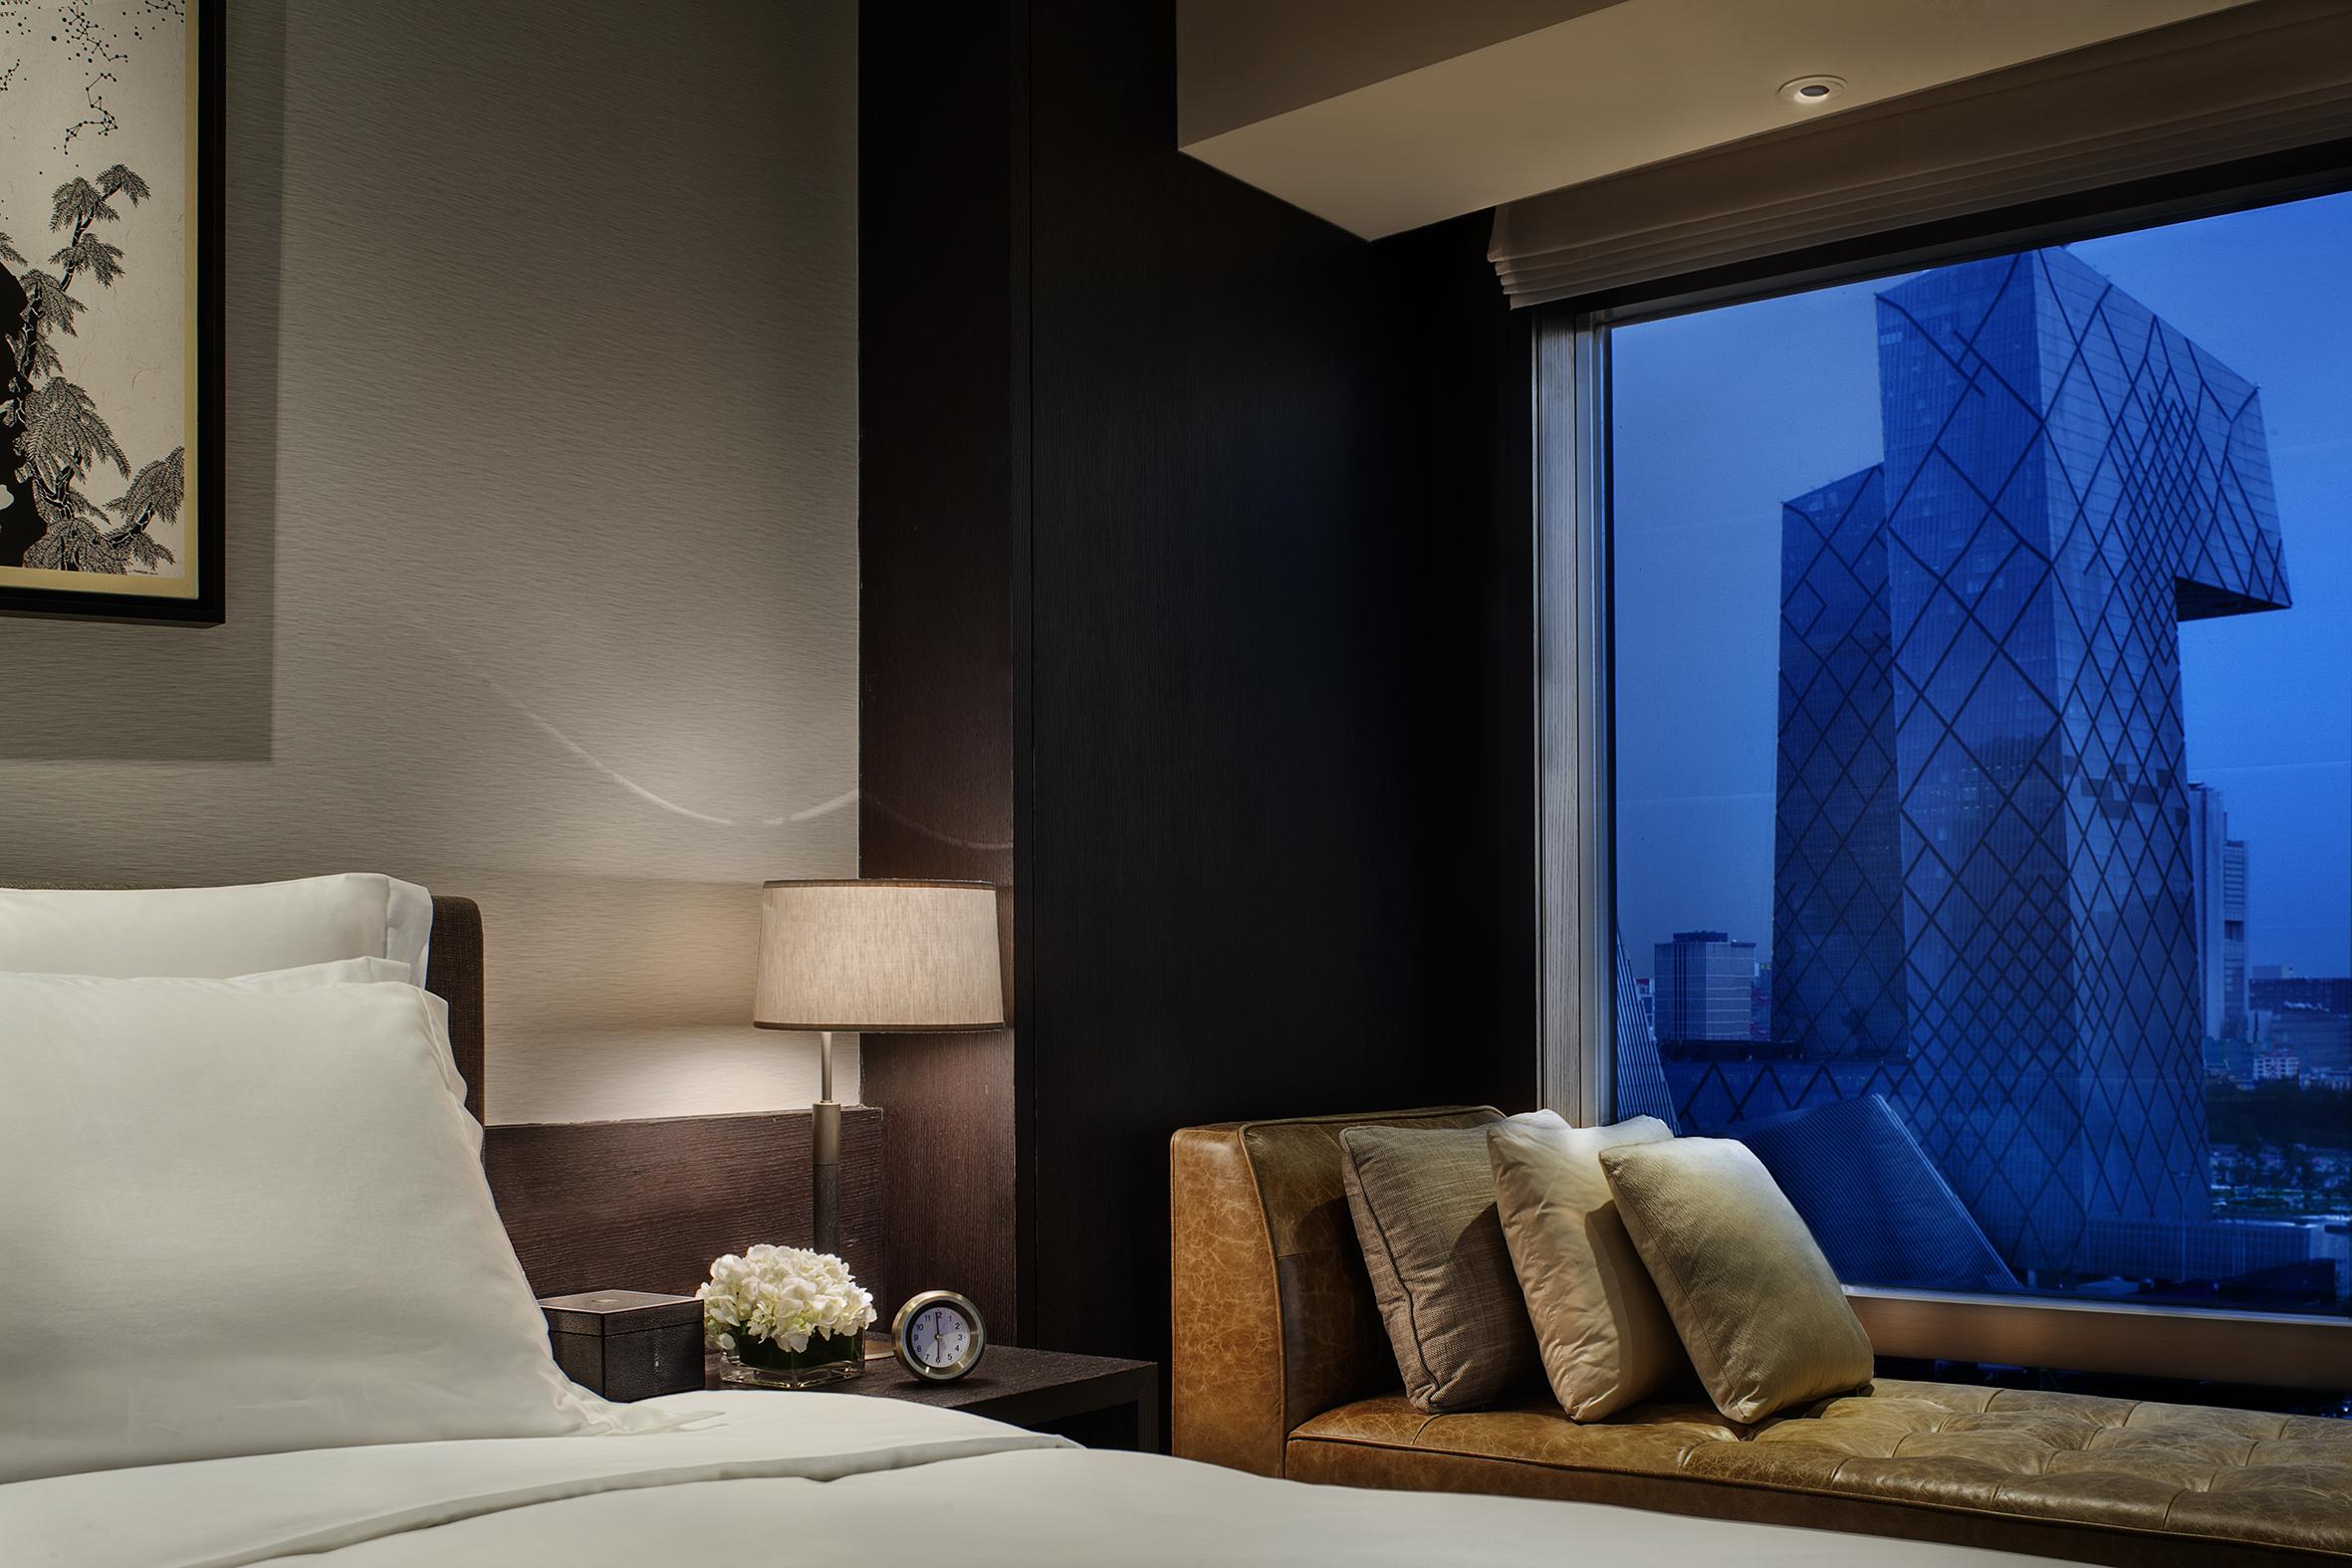 北京瑰丽酒店情人节甜蜜礼遇:独家记忆·情满瑰丽